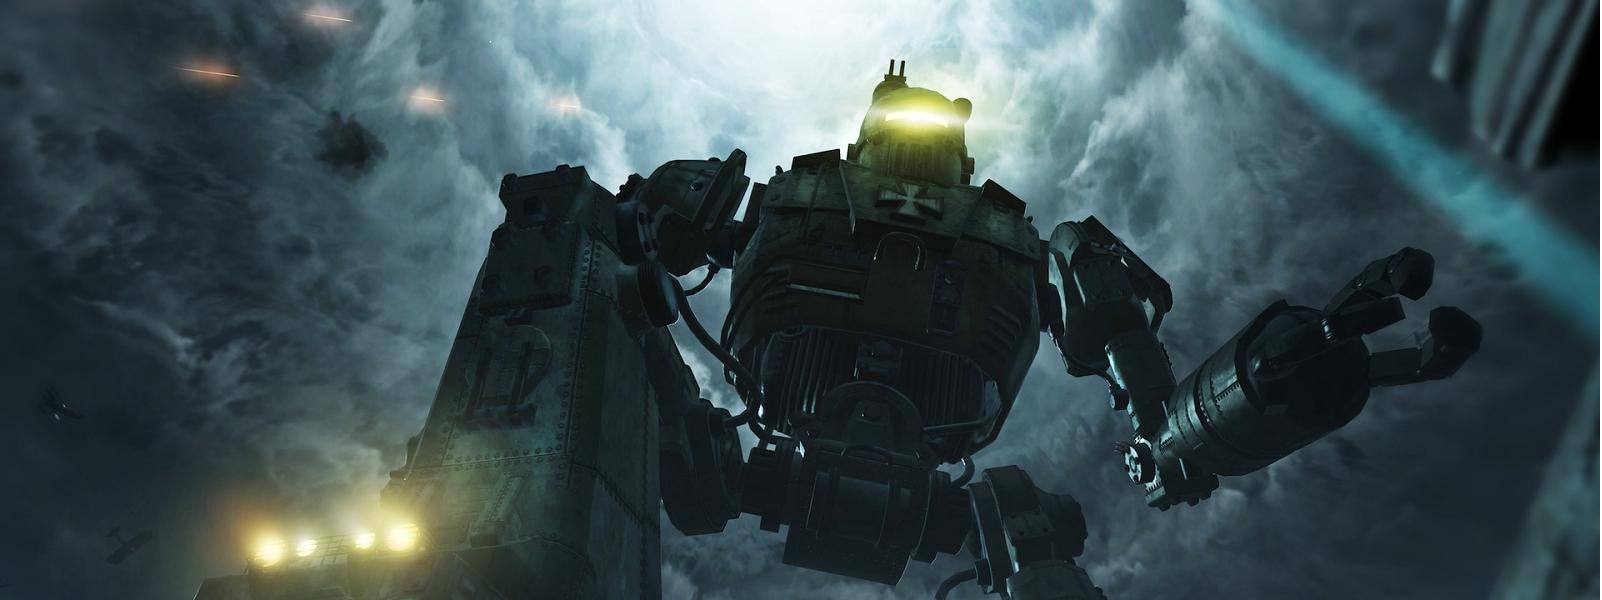 kereskedő robot mi van